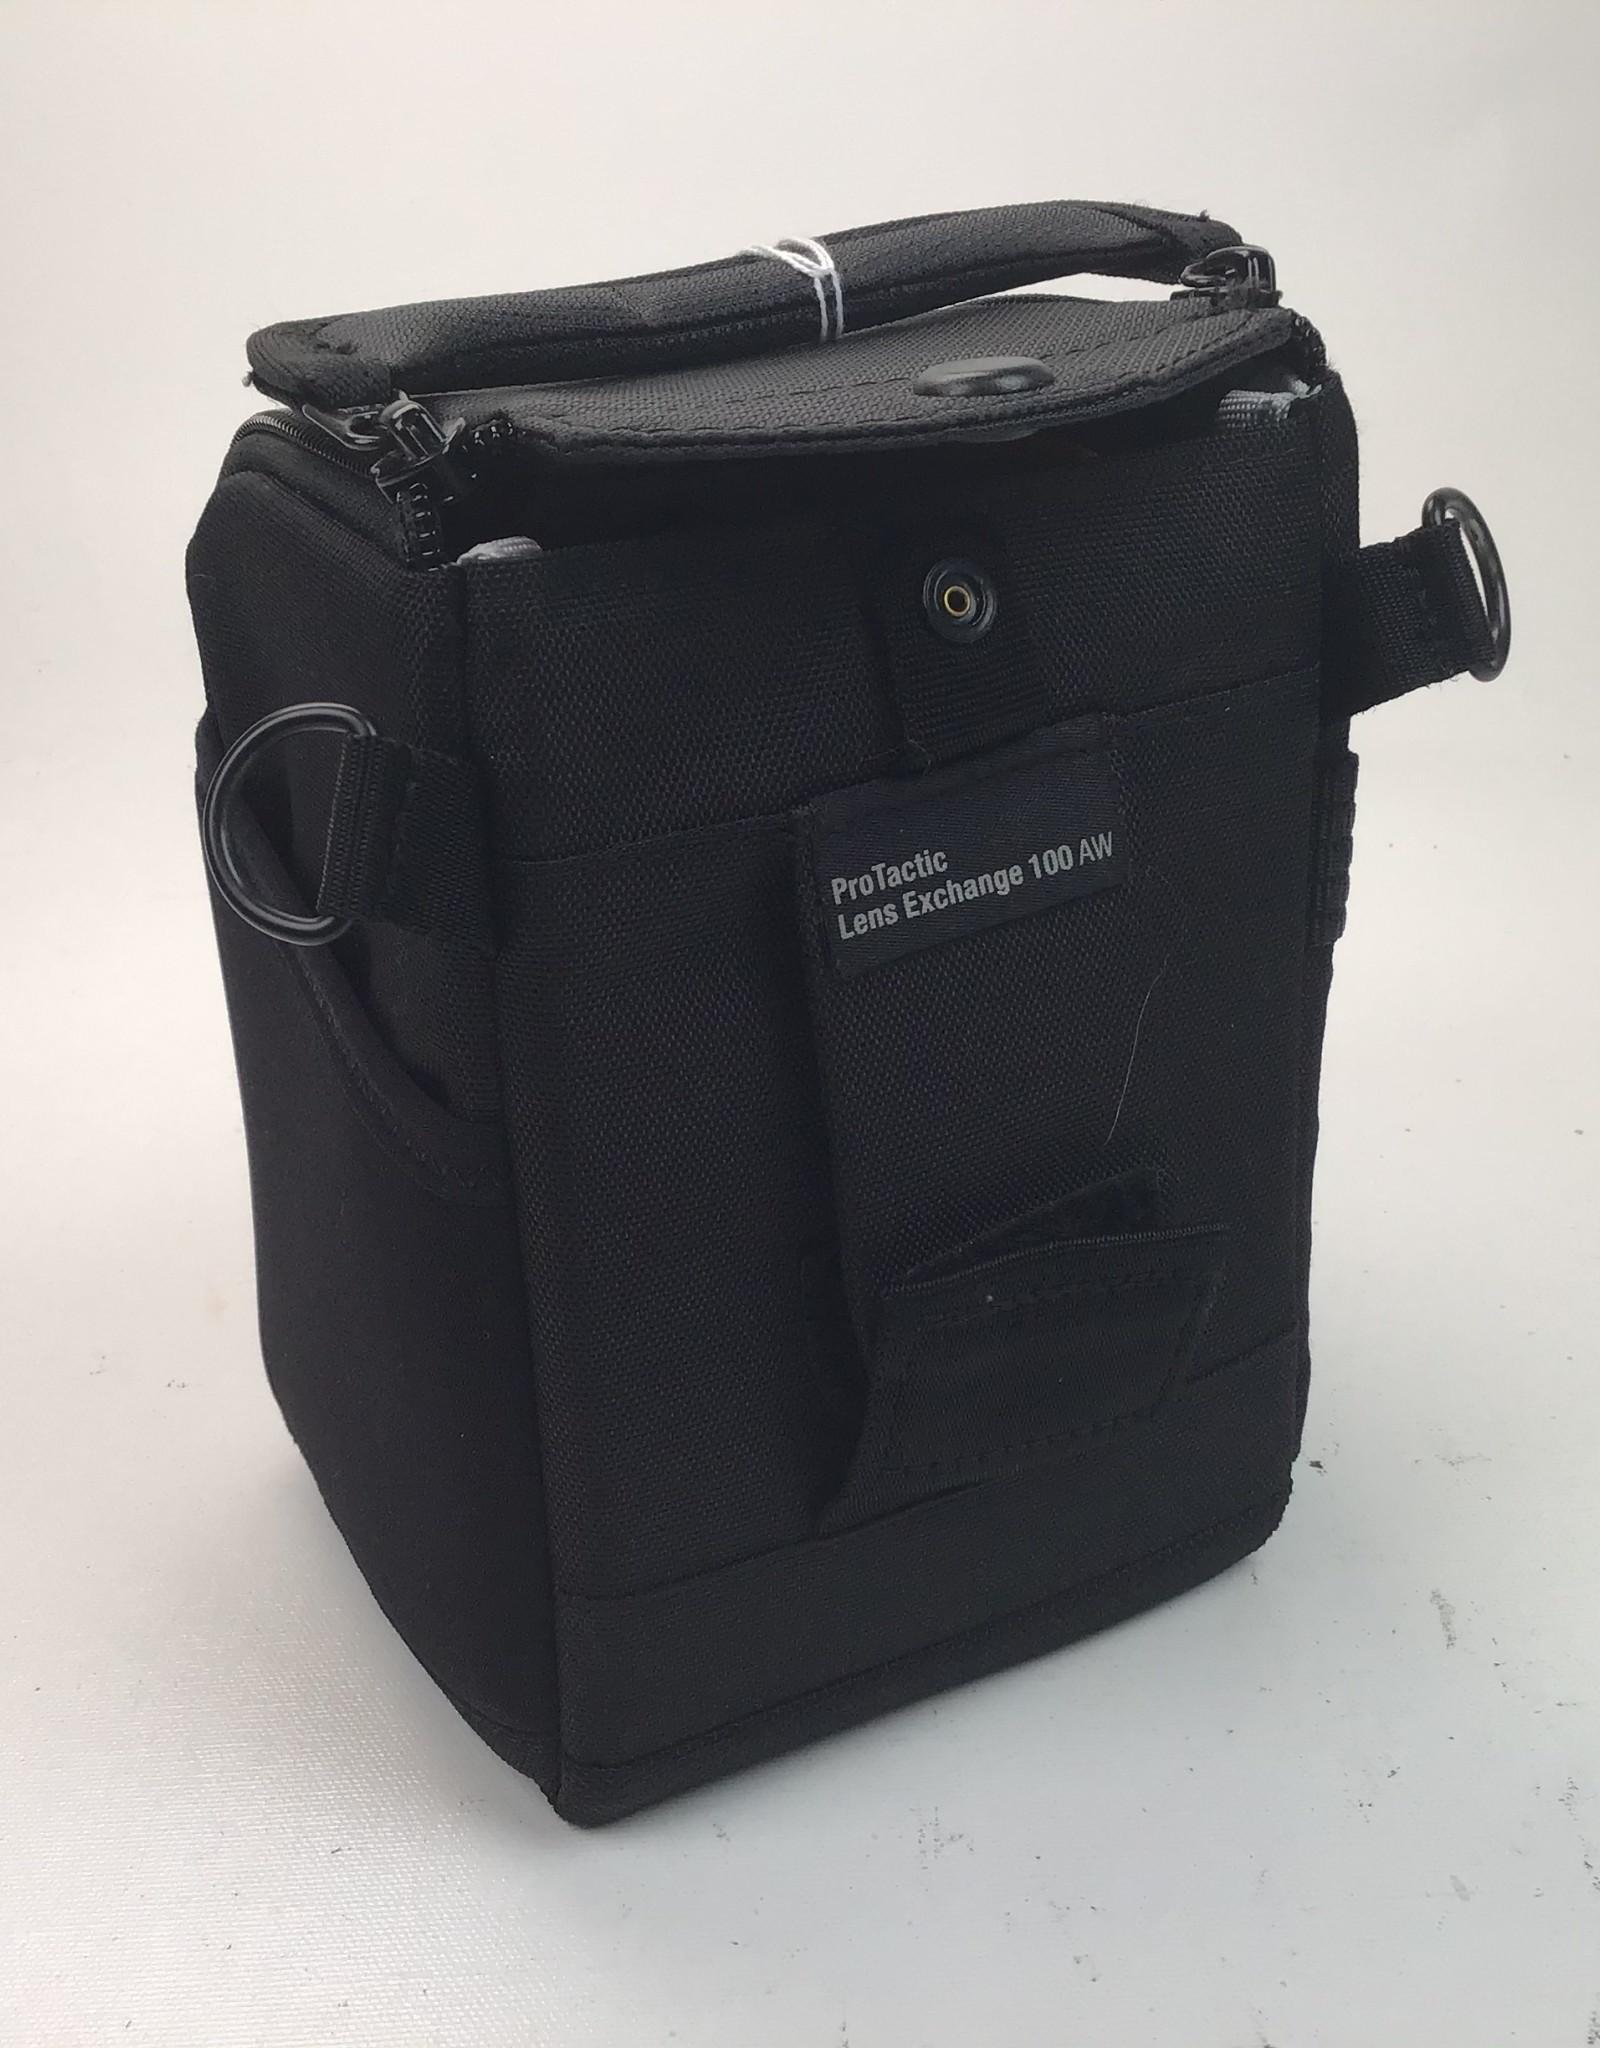 LOWEPRO Lowepro Lens Exchange 100 AW Case Used EX